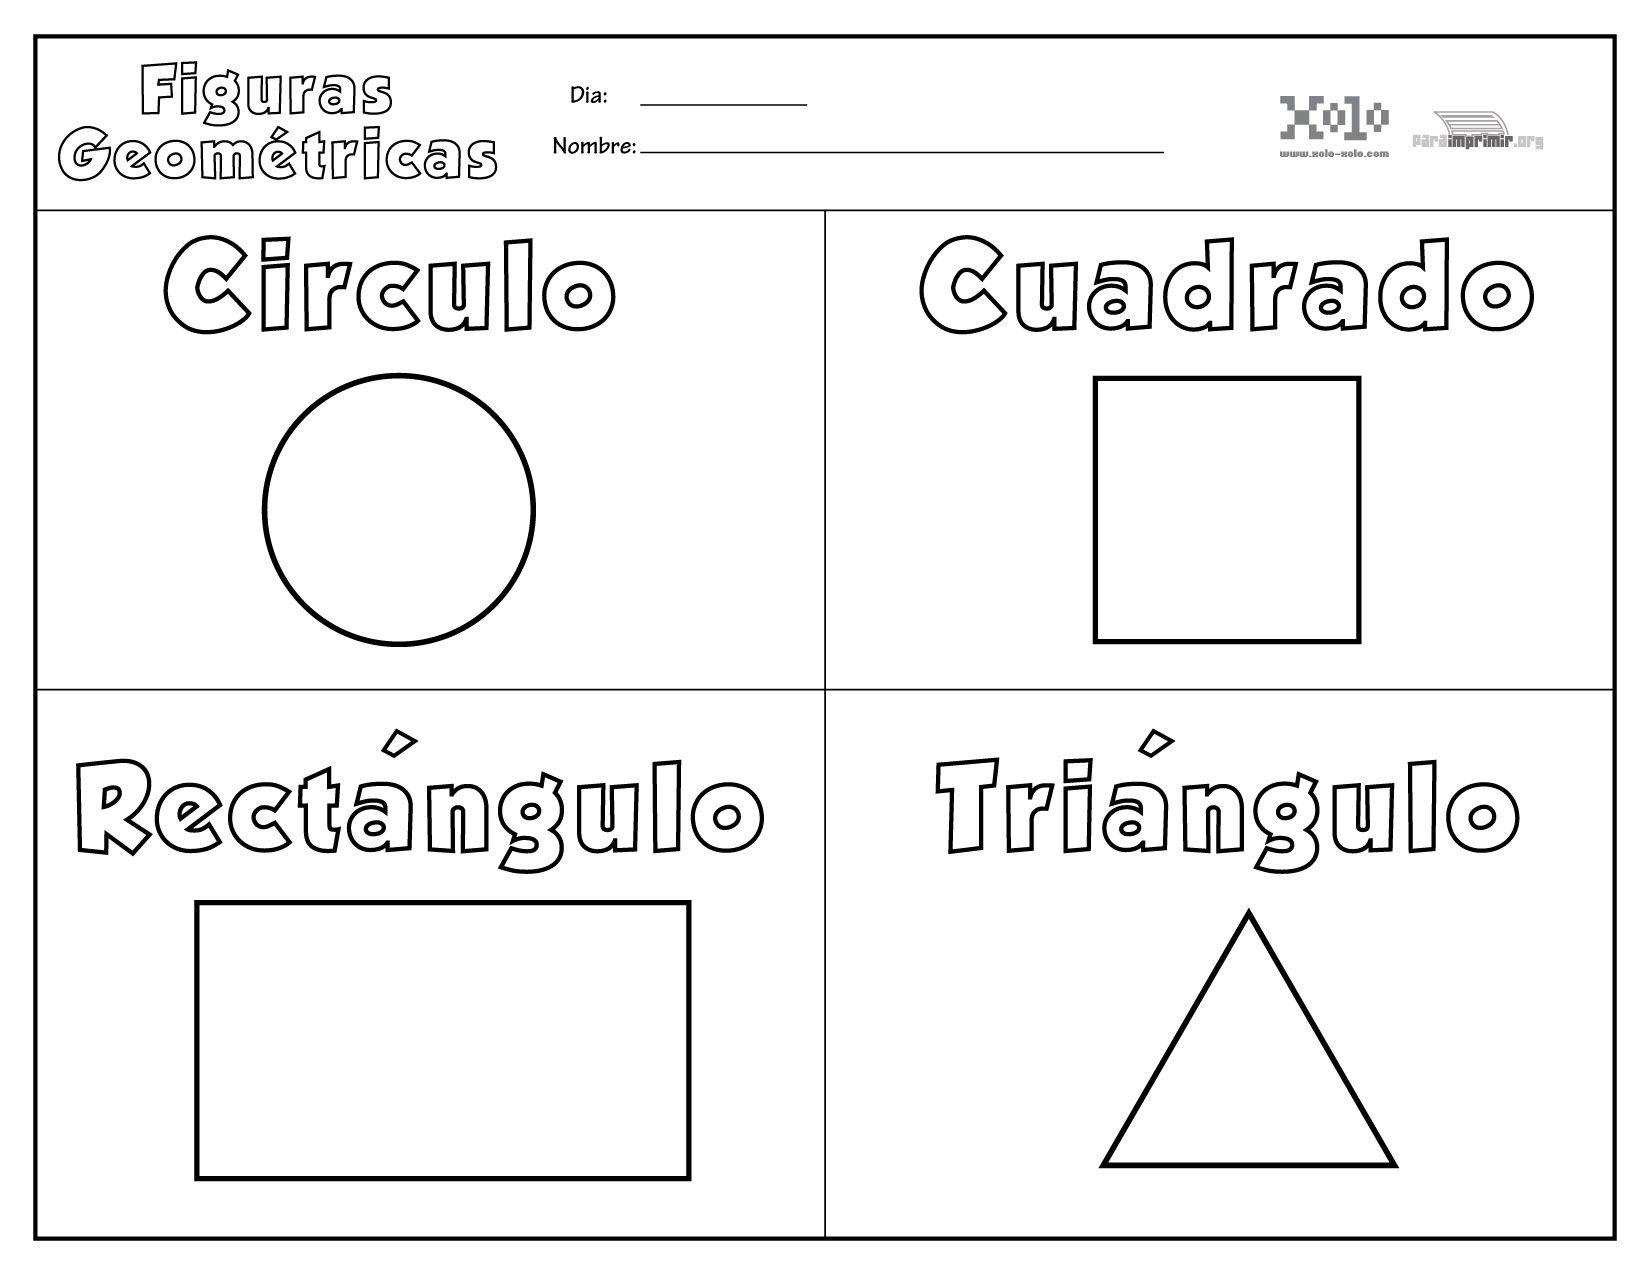 Las Figuras Geometricas Para Ninos Para Colorear Buscar Con